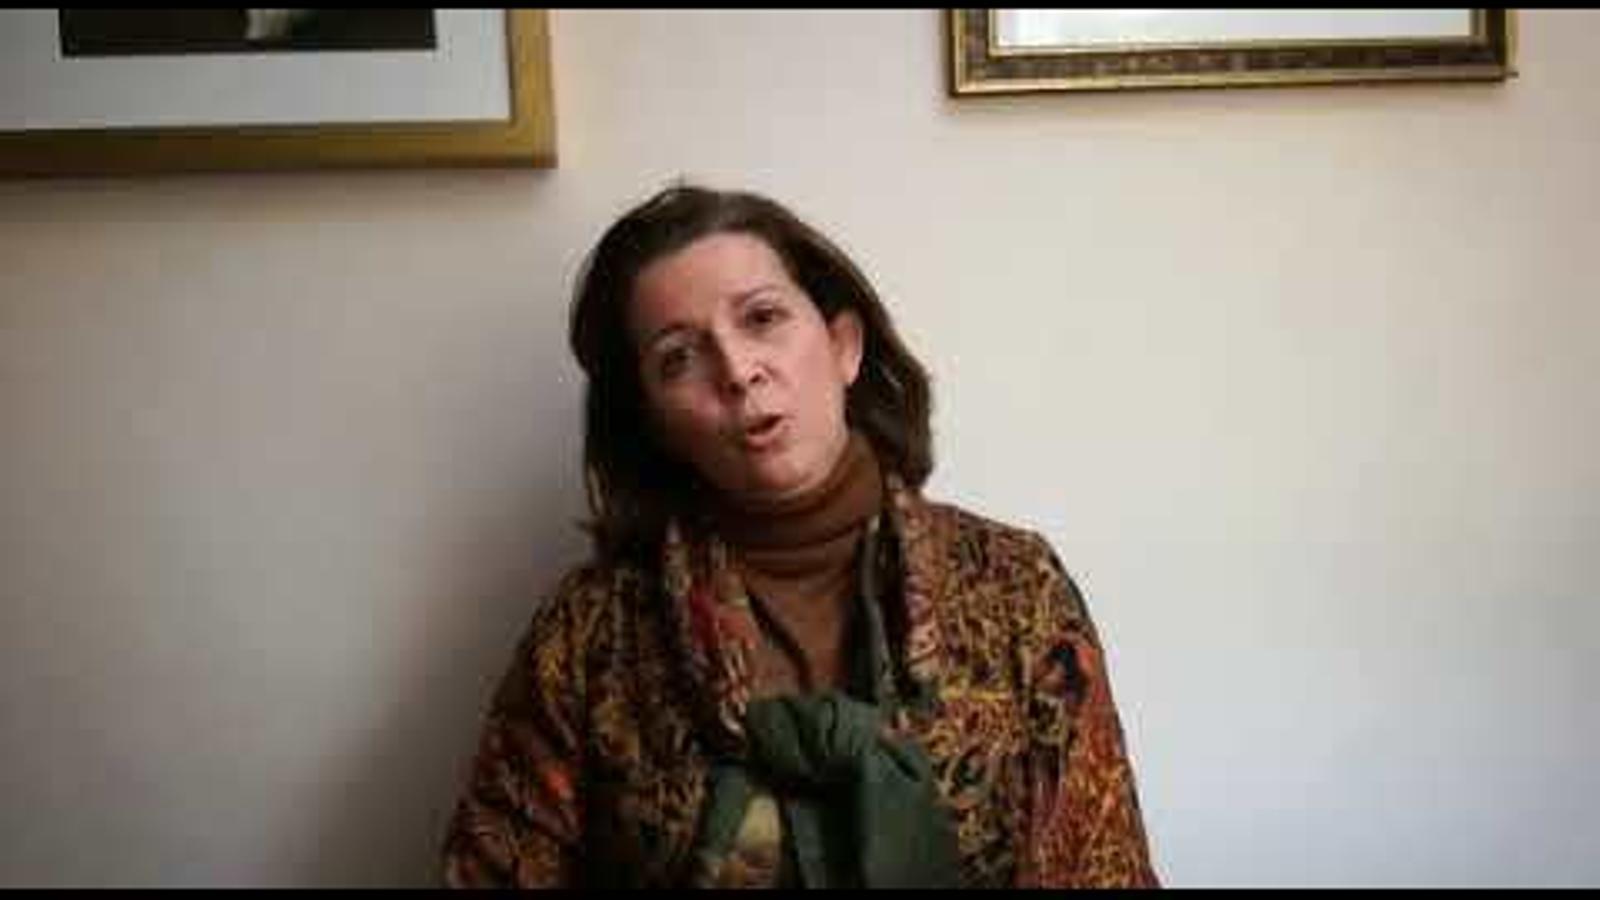 La presidenta de Vox Sevilla explica per què no fa vaga el 8 de març